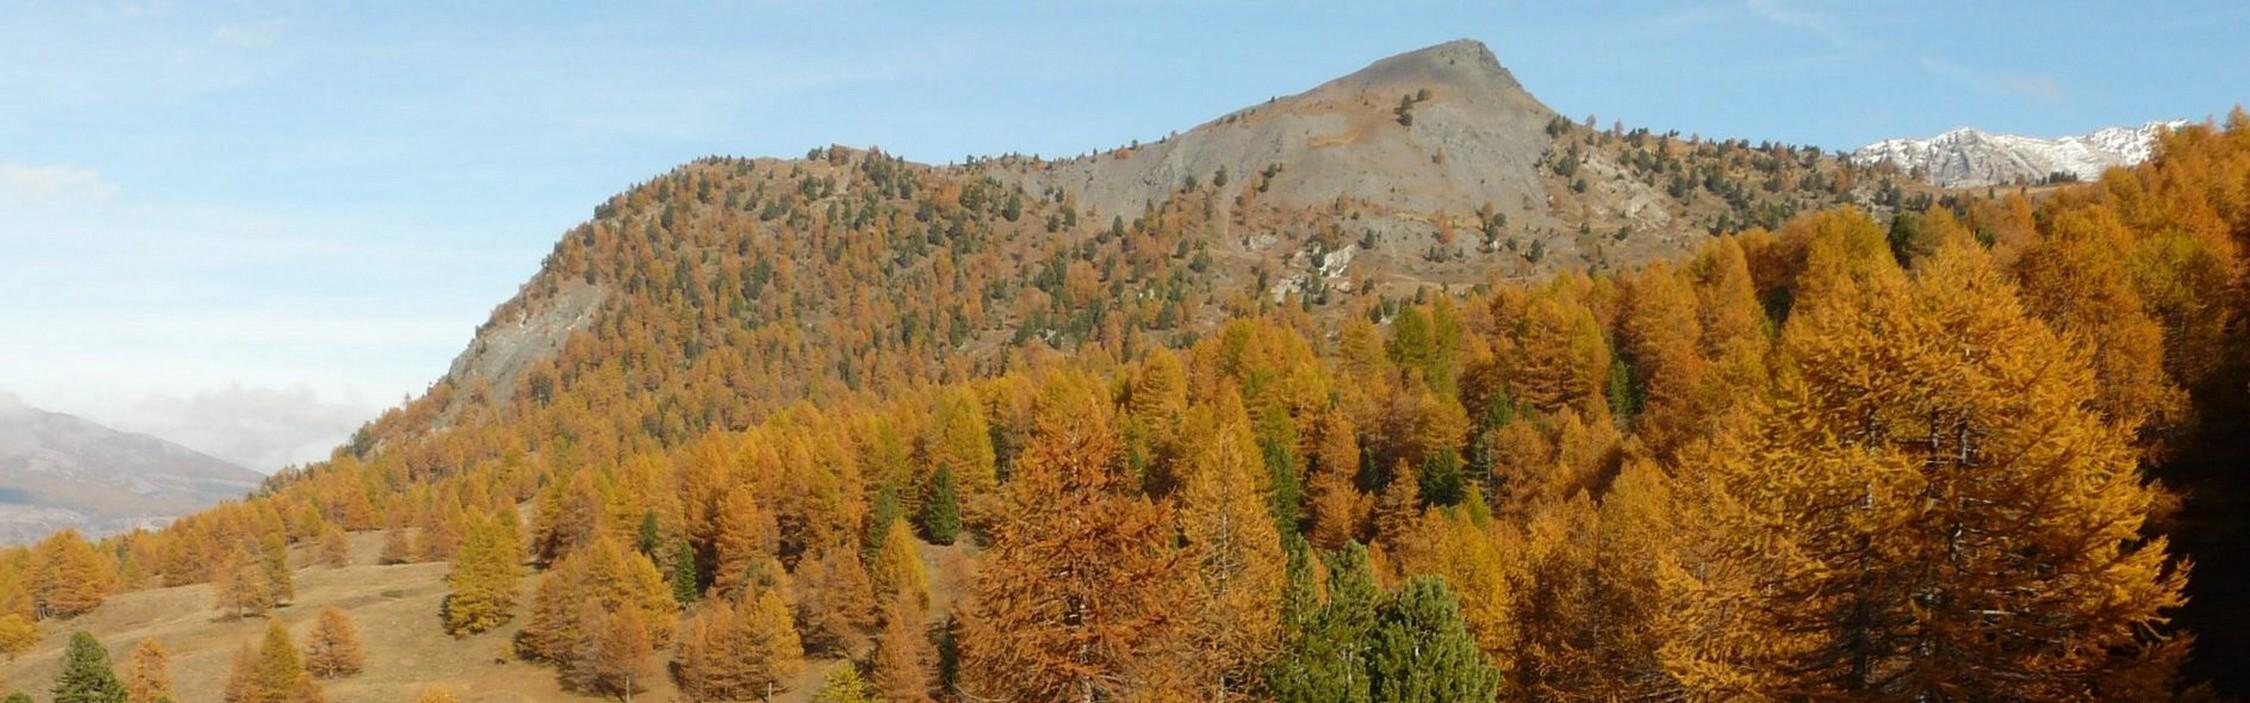 A pied, le Briançonnais aux couleurs d'automne -5fb5d55929212: /